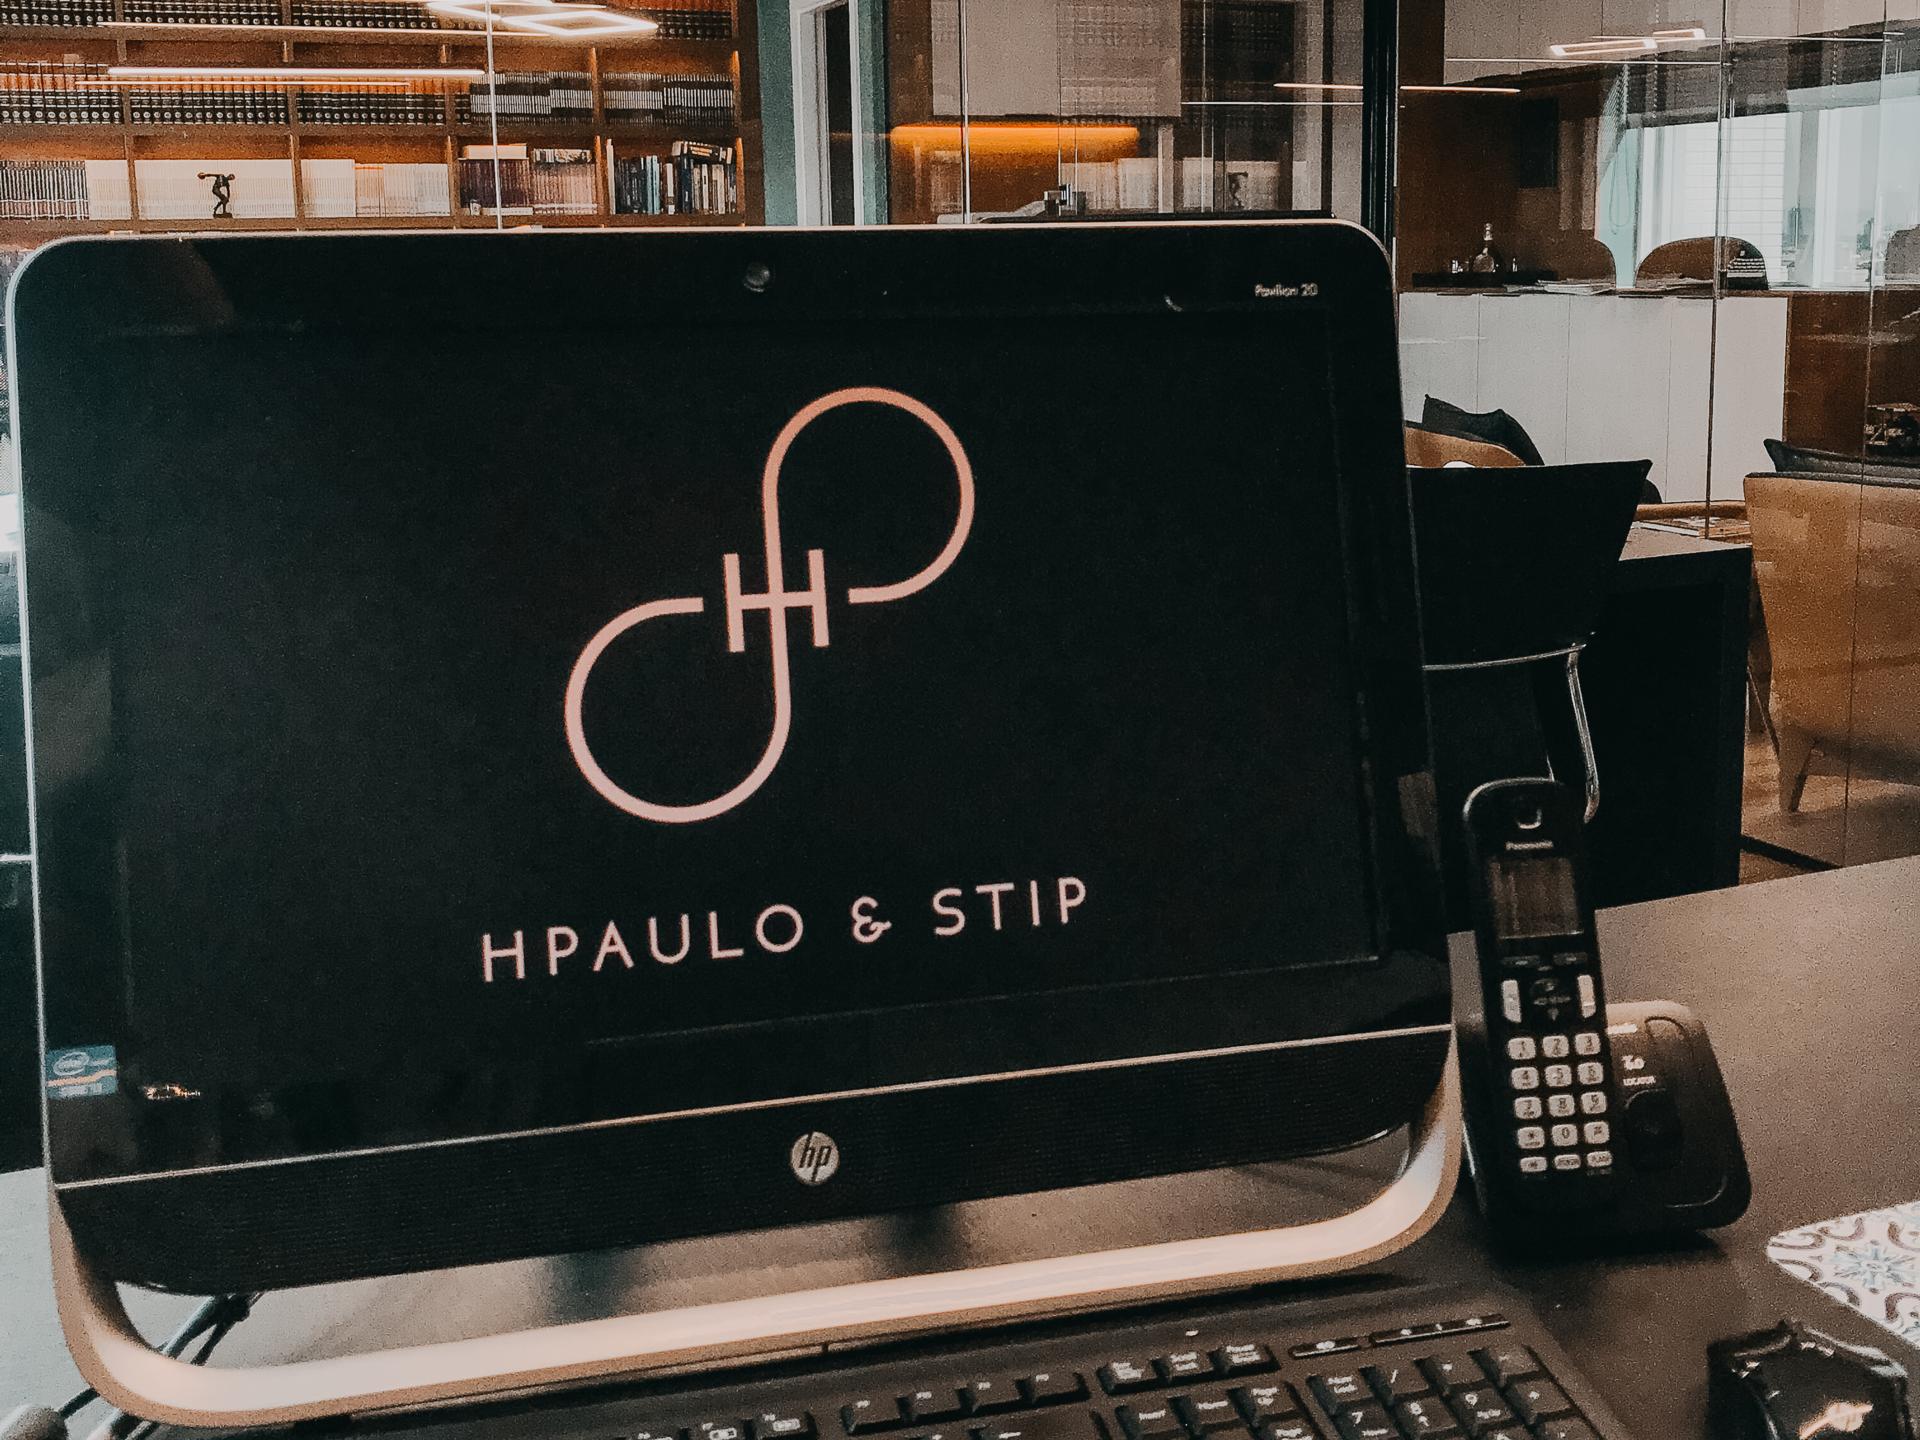 Hpstip Computador